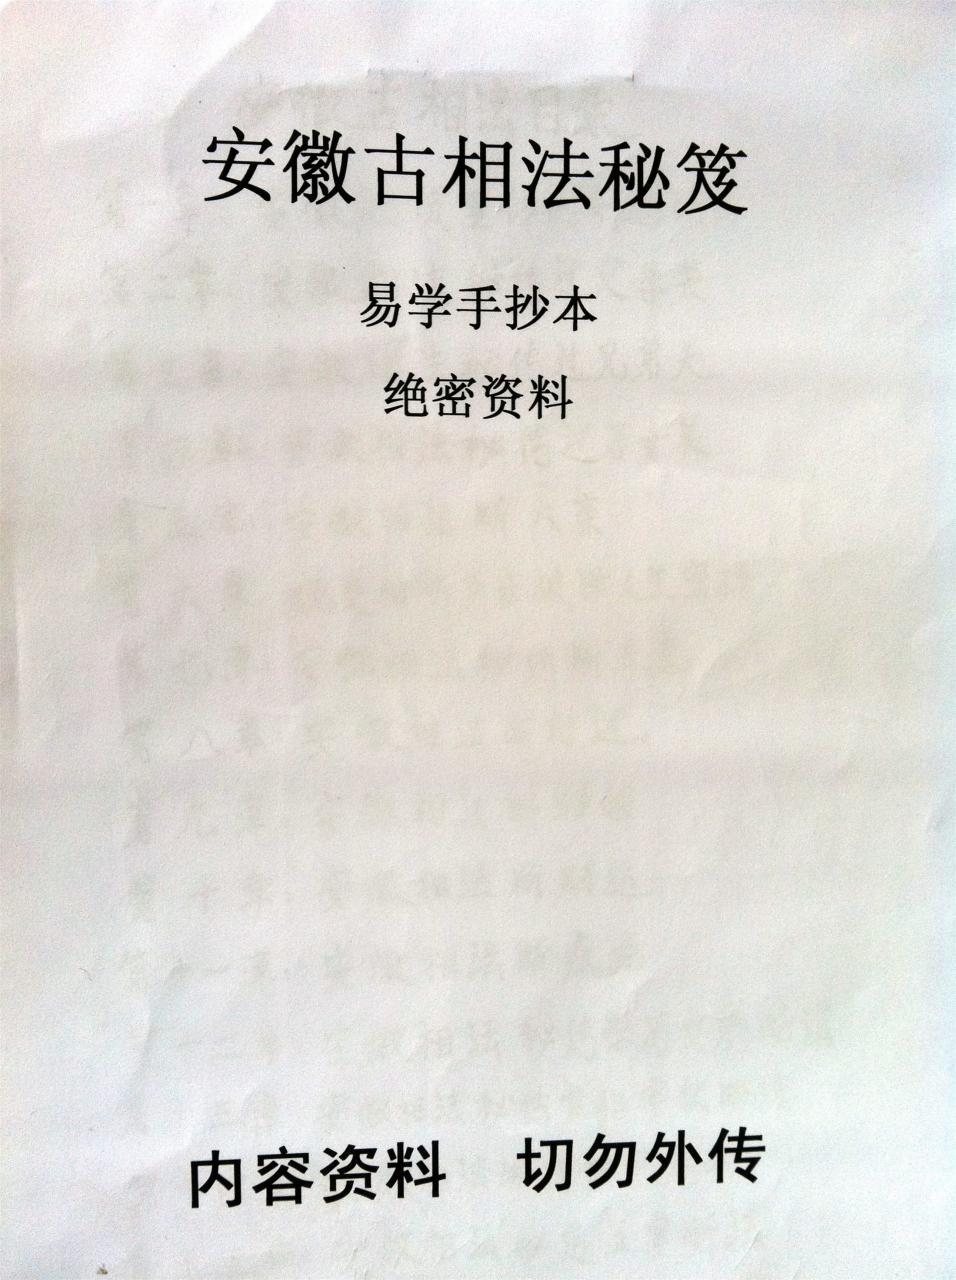 安徽古相法秘笈 手抄本